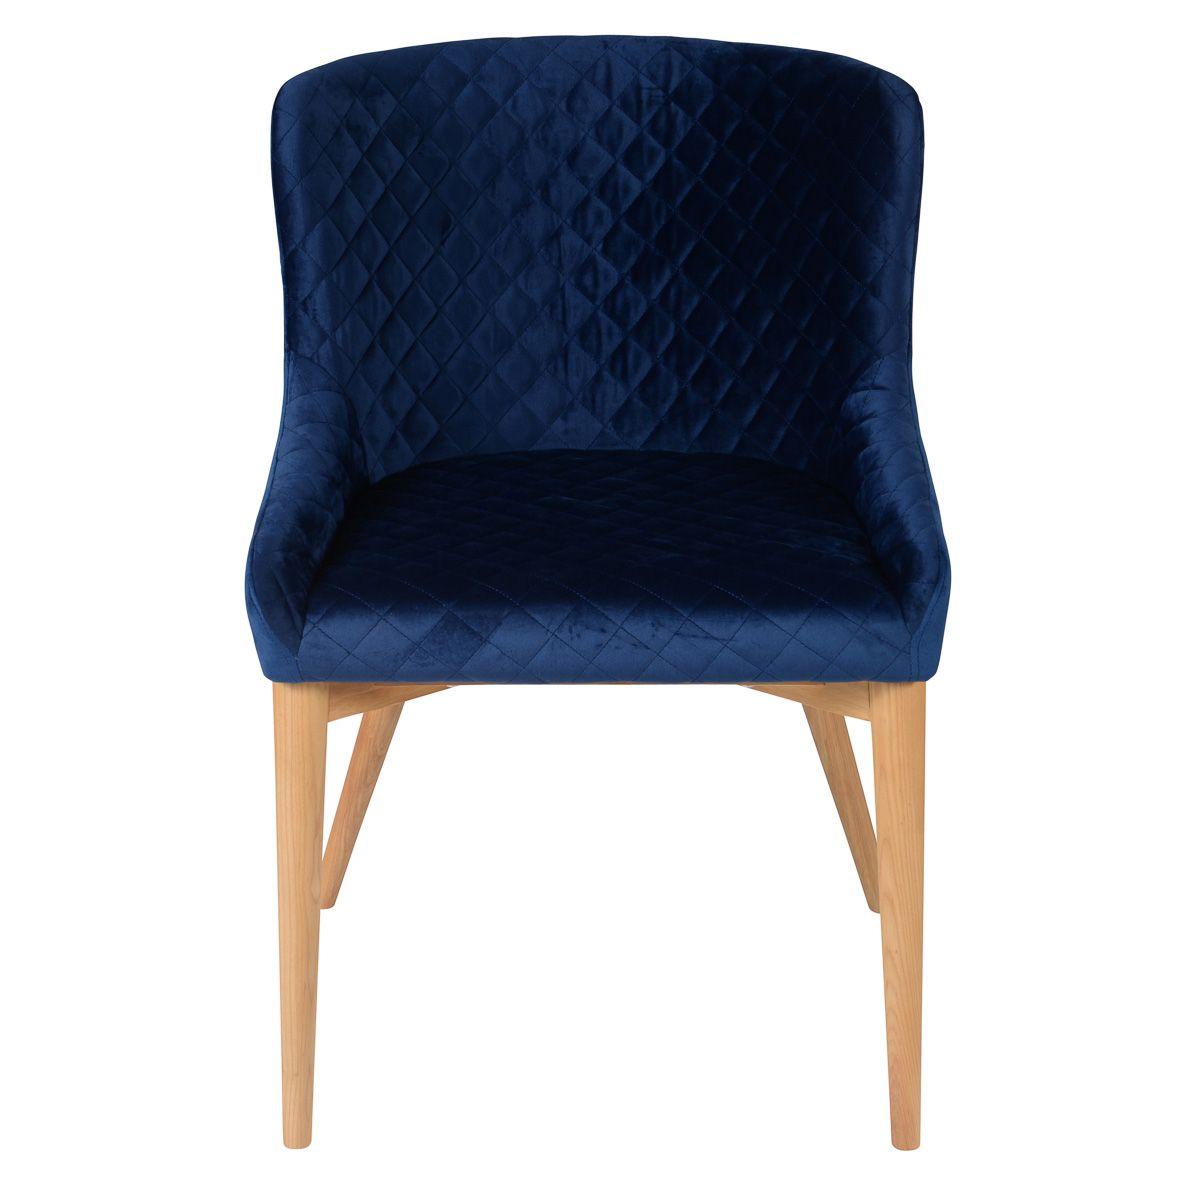 Chaise style scandinave en velours bleu foncé piétement frêne Paris